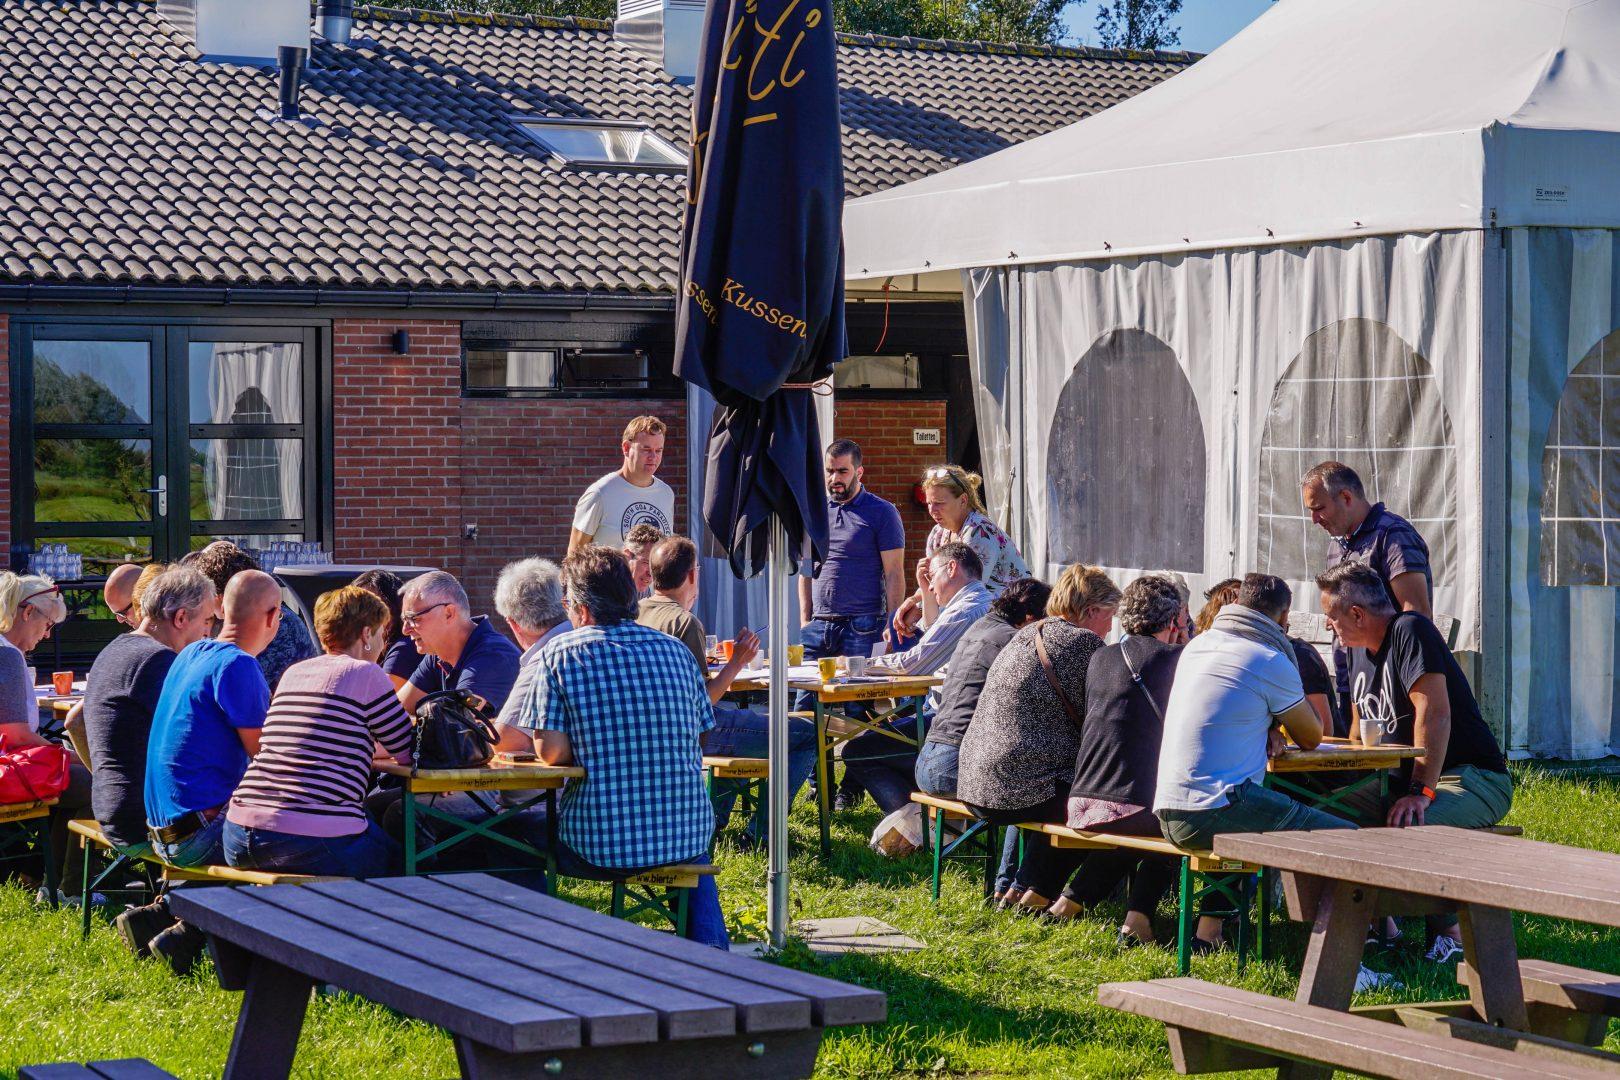 Personeelsfeest organiseren bij Boerderij de Boerinn